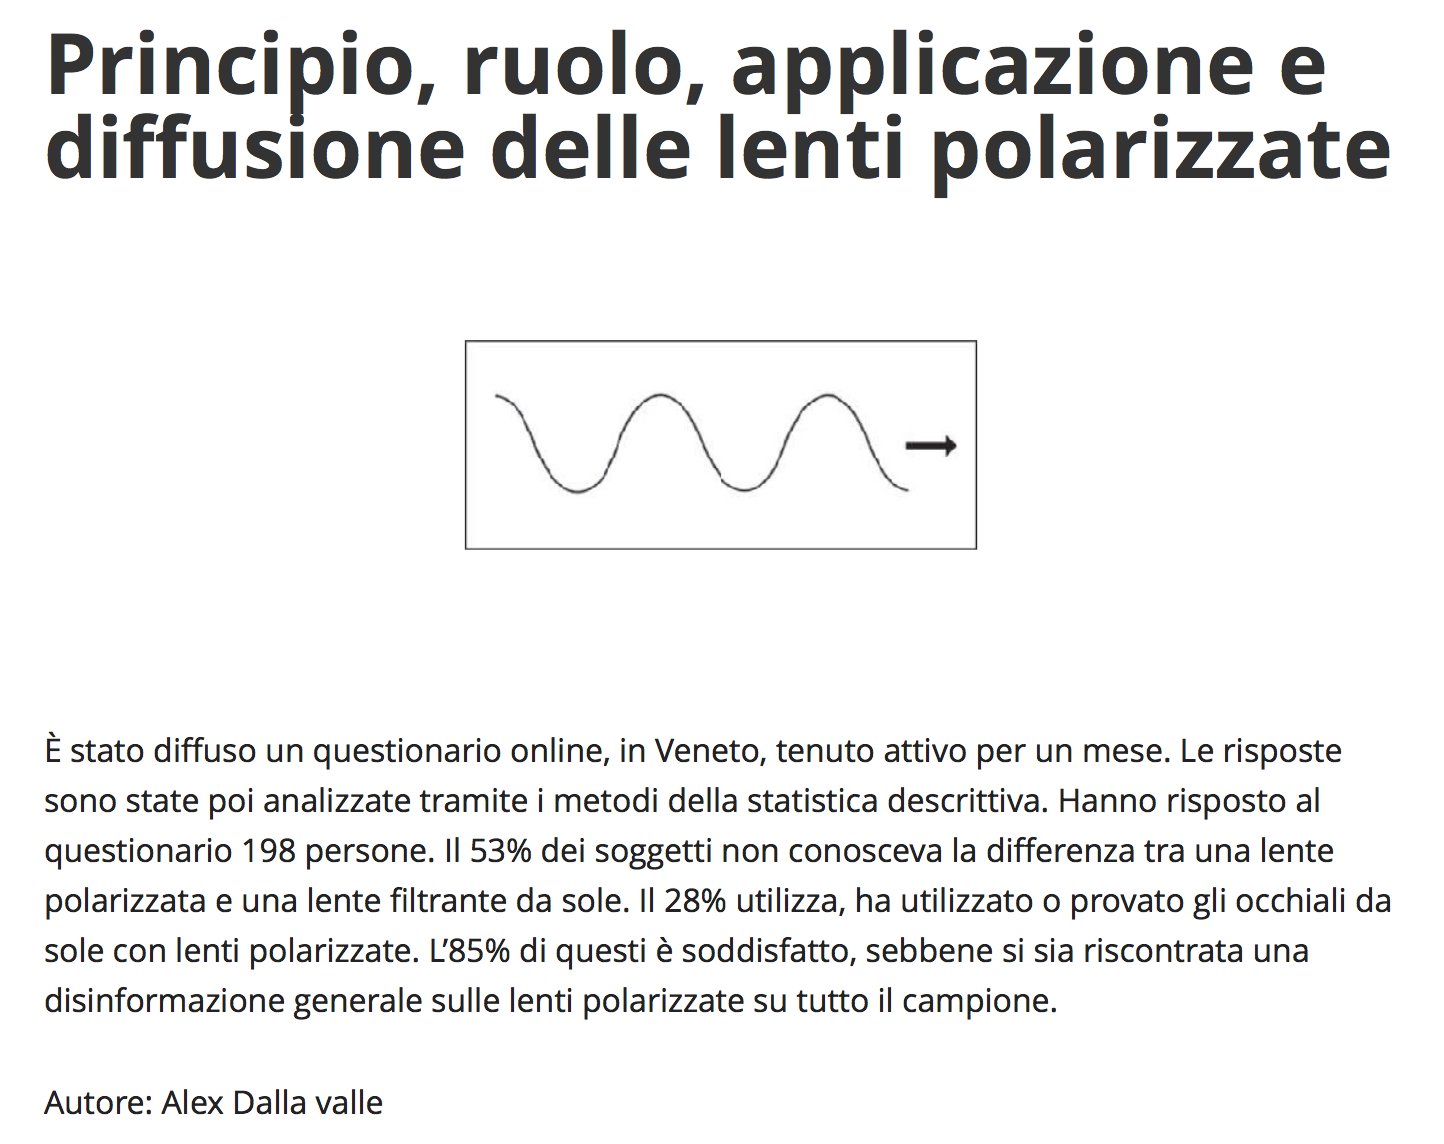 http://www.professionaloptometry.it/wp-content/uploads/2014/06/ArtScient_Principio-ruolo-applicazione-e-diffusione-delle-lenti-polarizzate_POmaggio2014.pdf